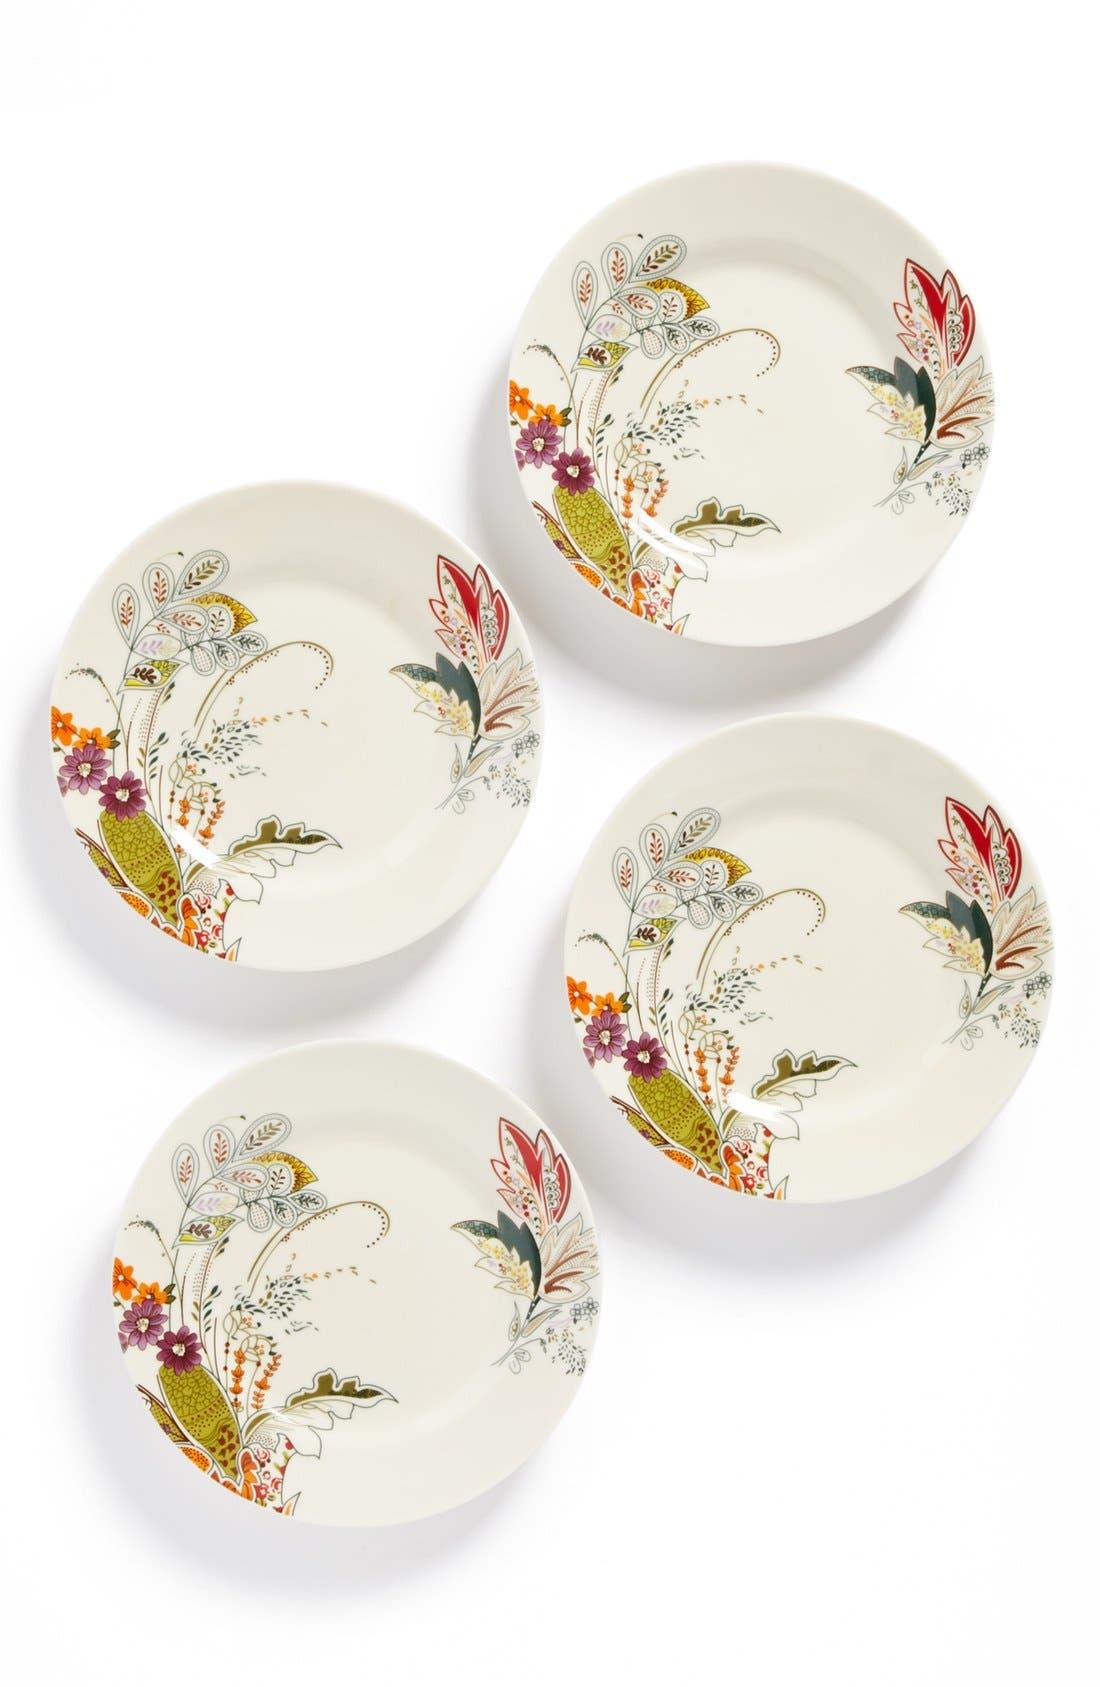 Main Image - 'Floral Henna' Porcelain Salad Plates (Set of 4)